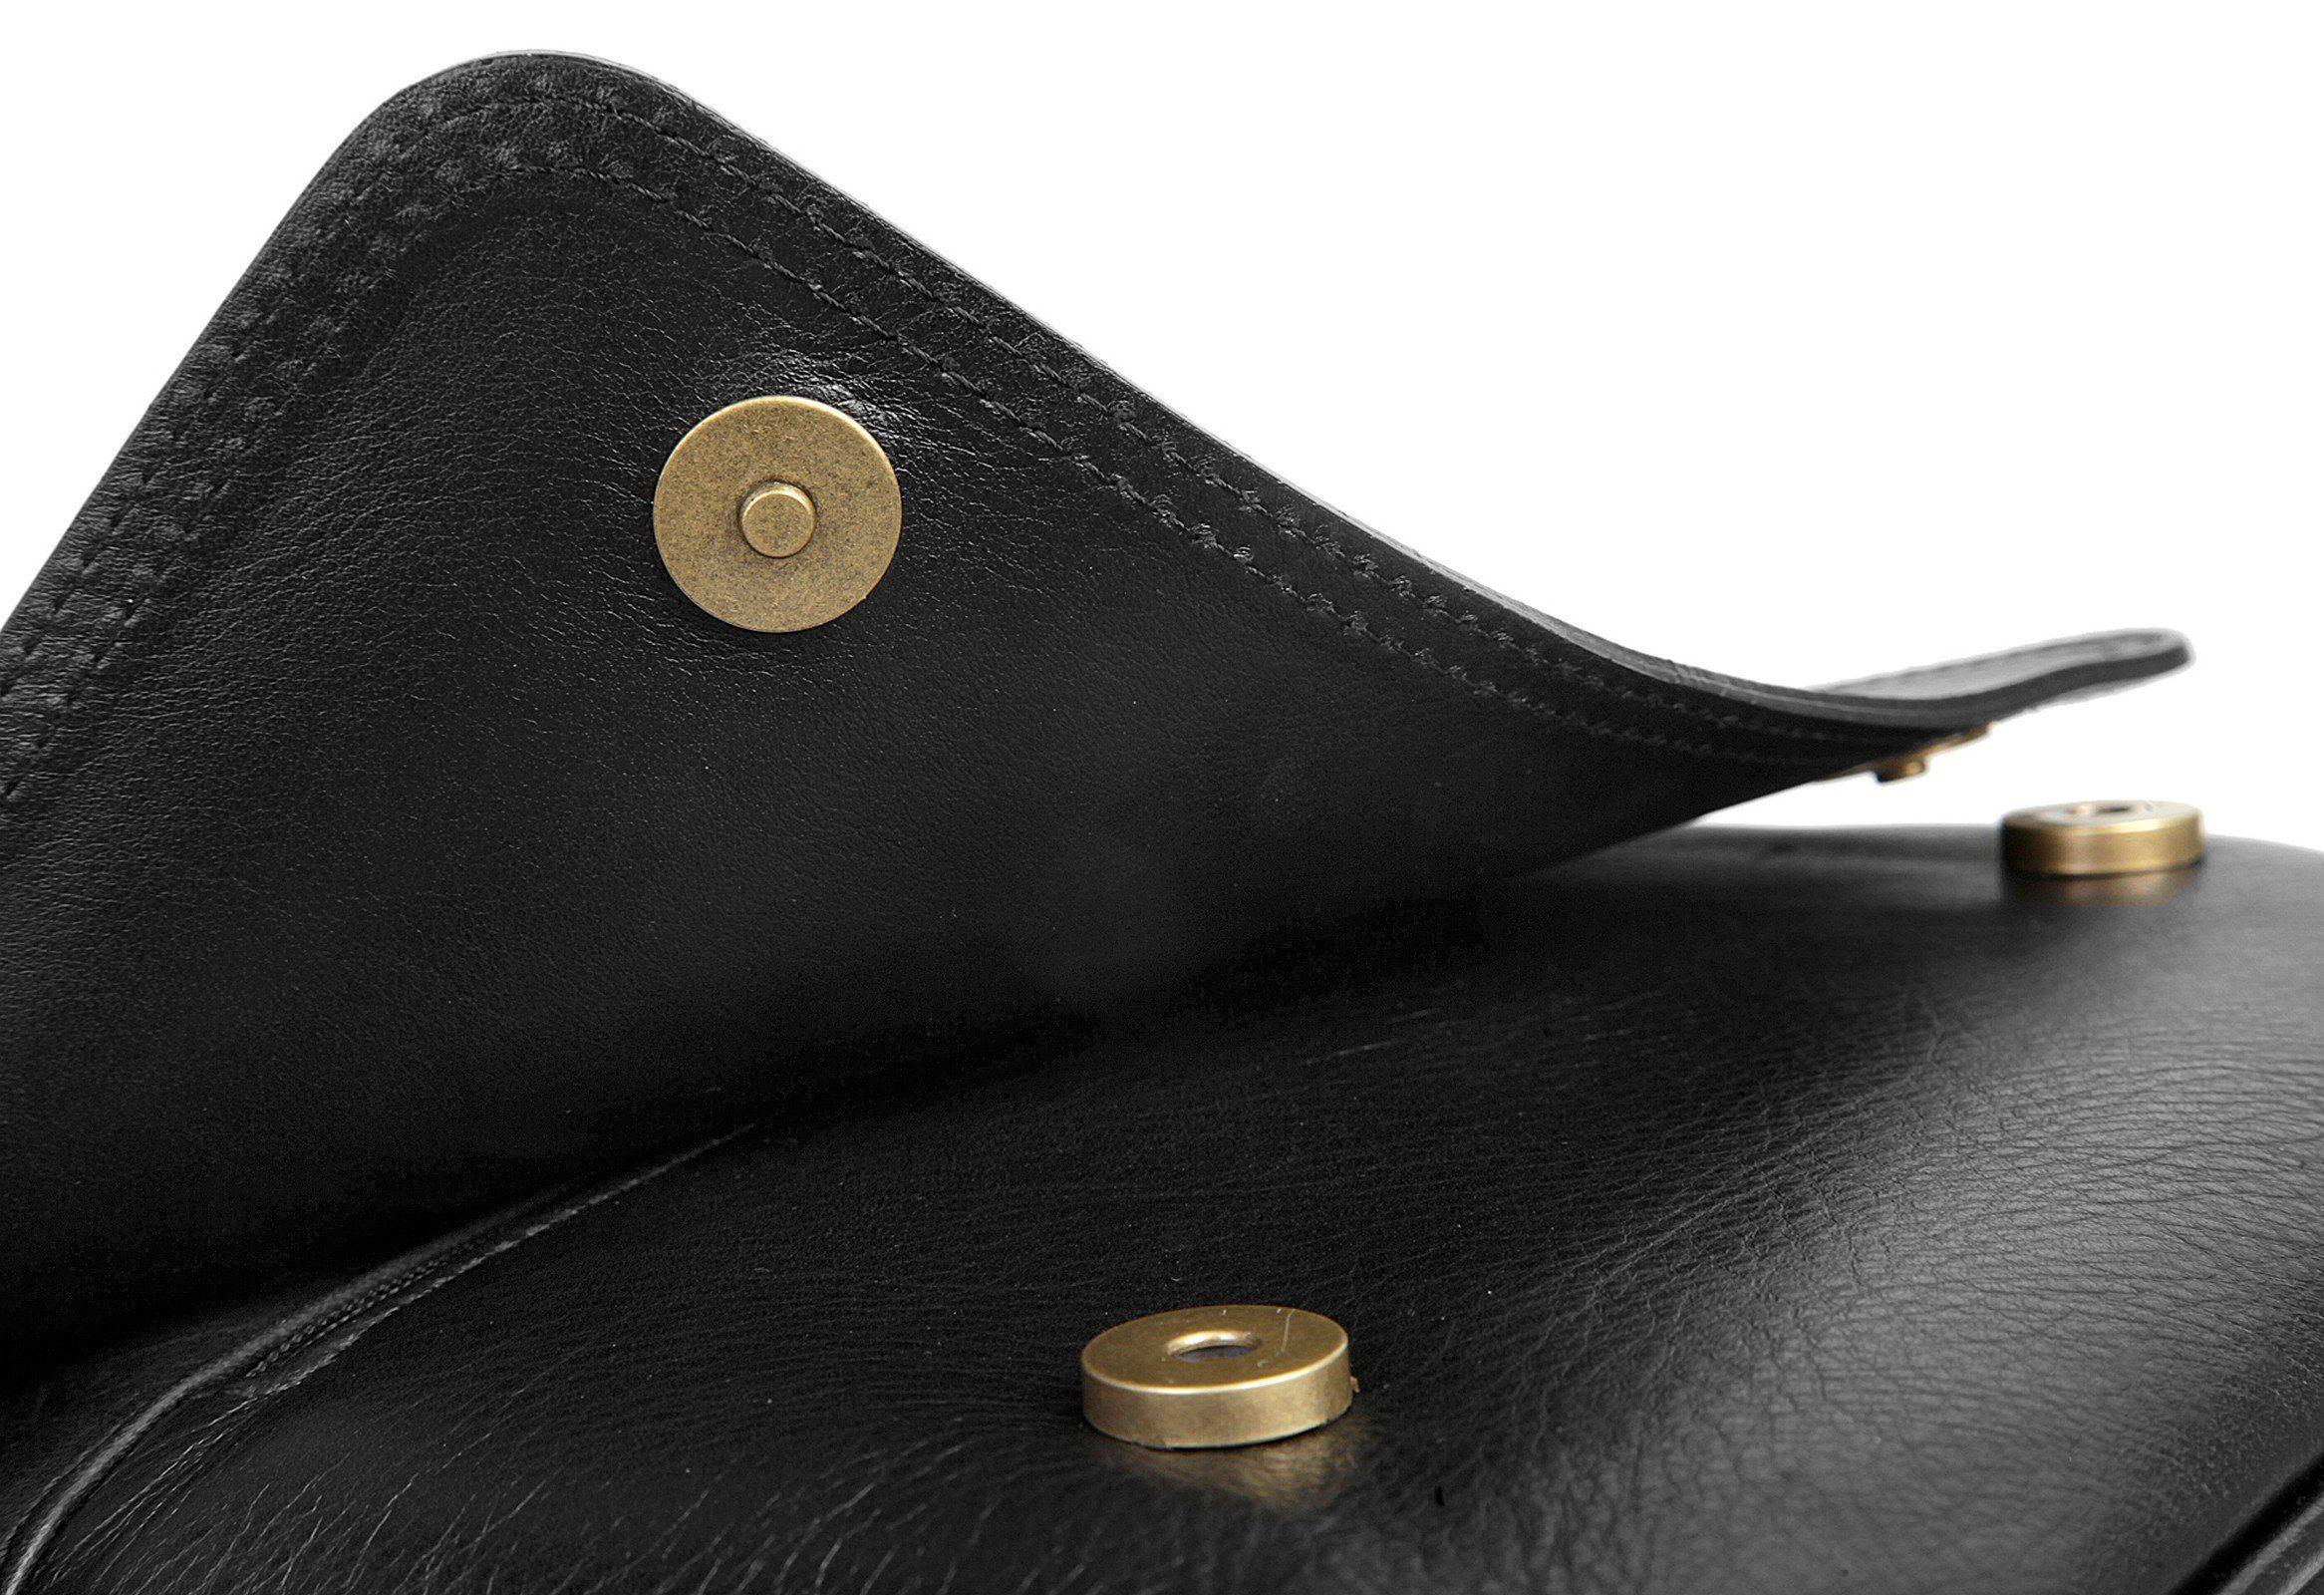 Umhängetasche Online Cluty Umhängetasche Online Kaufen Cluty Kaufen LjqAR435